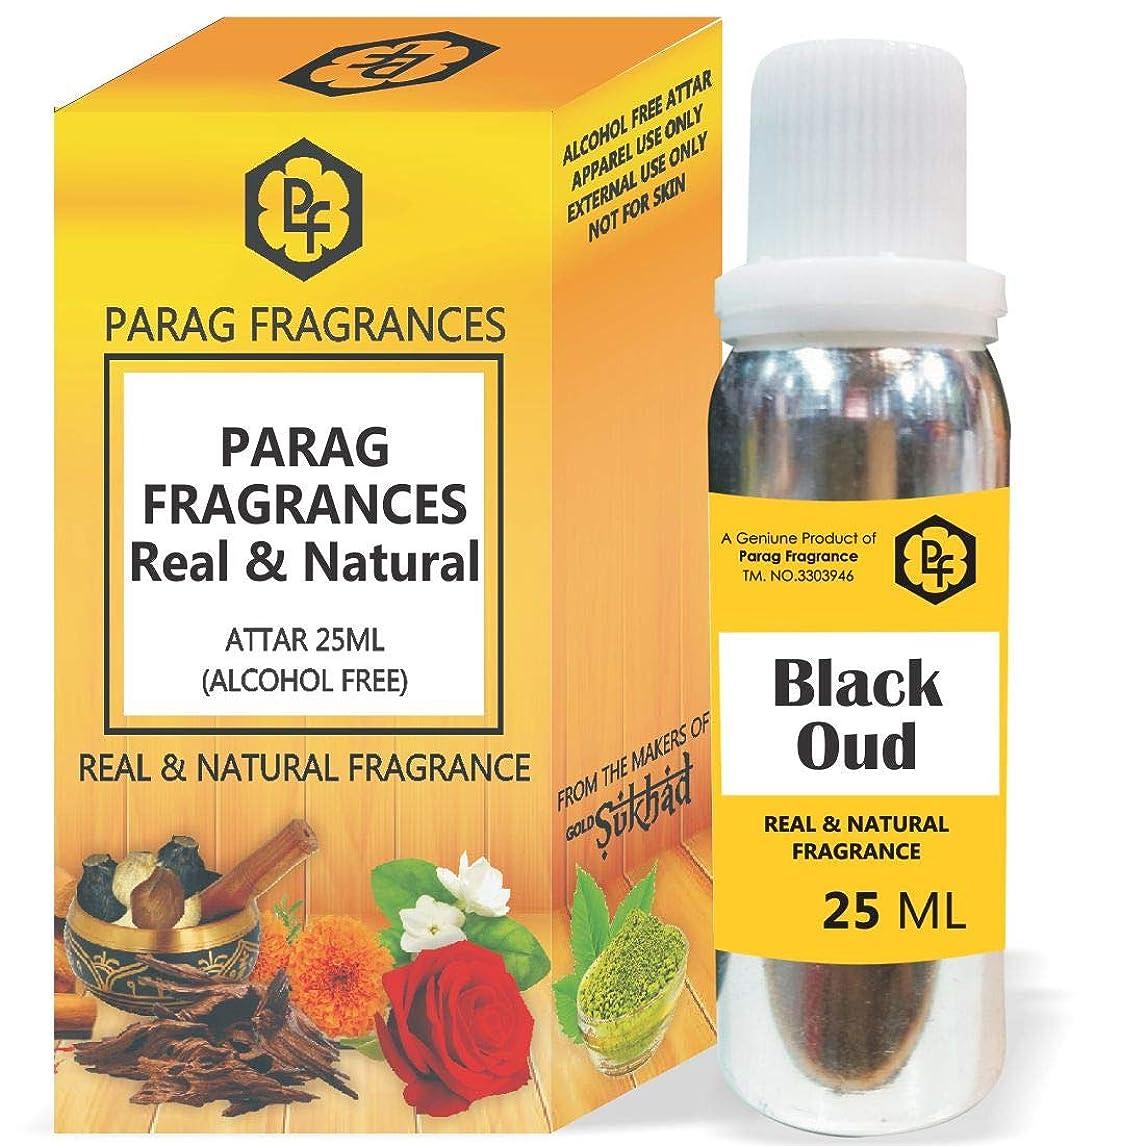 適合するエッセイ見えない50/100/200/500パック内の他のエディションファンシー空き瓶(アルコールフリー、ロングラスティング、自然アター)でParagフレグランス25ミリリットルブラックウードアター